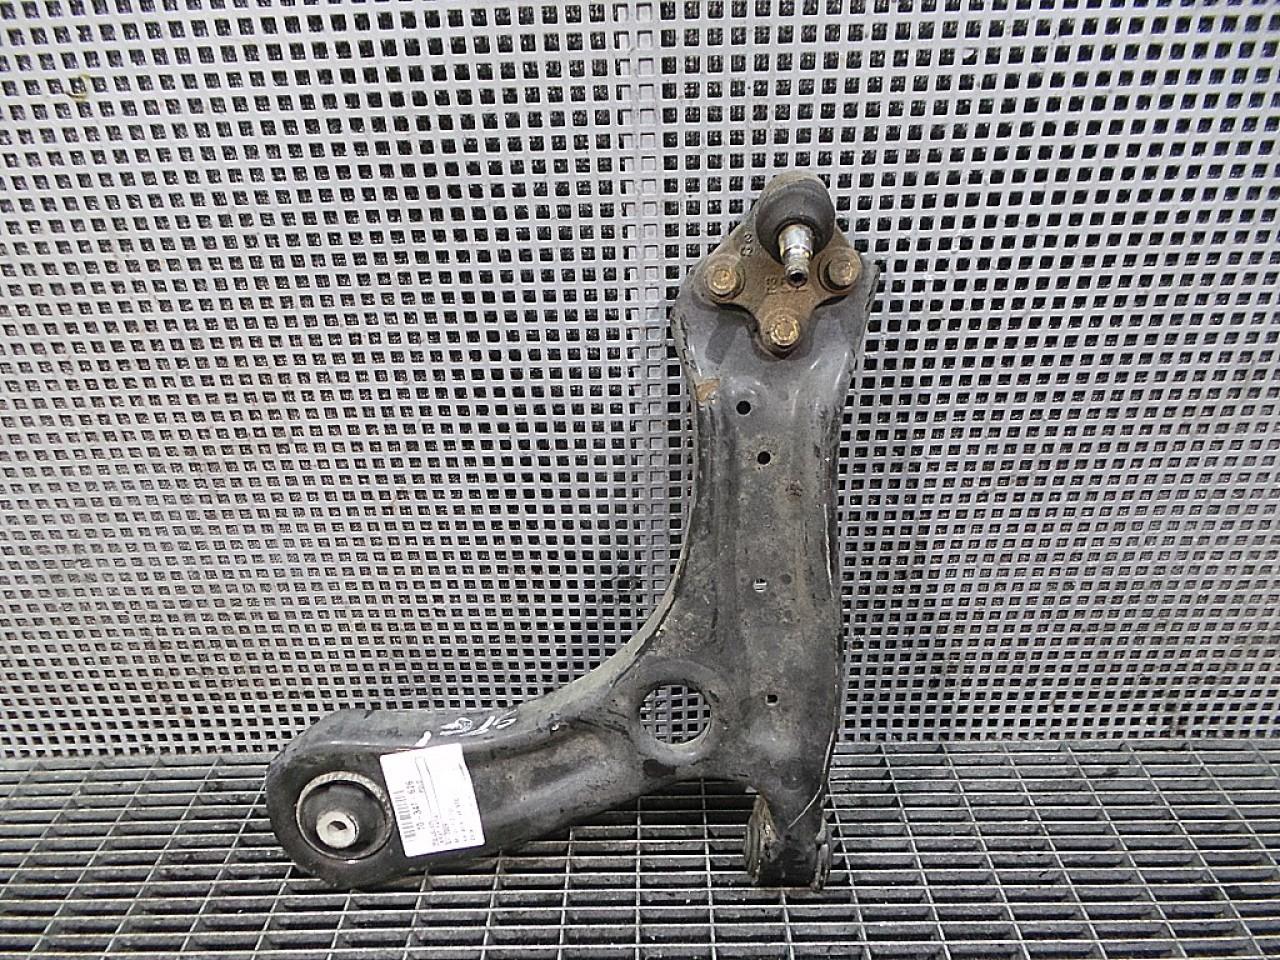 BRAT FATA INFERIOR VW POLO POLO 1.2 TDI - (2009 2014)